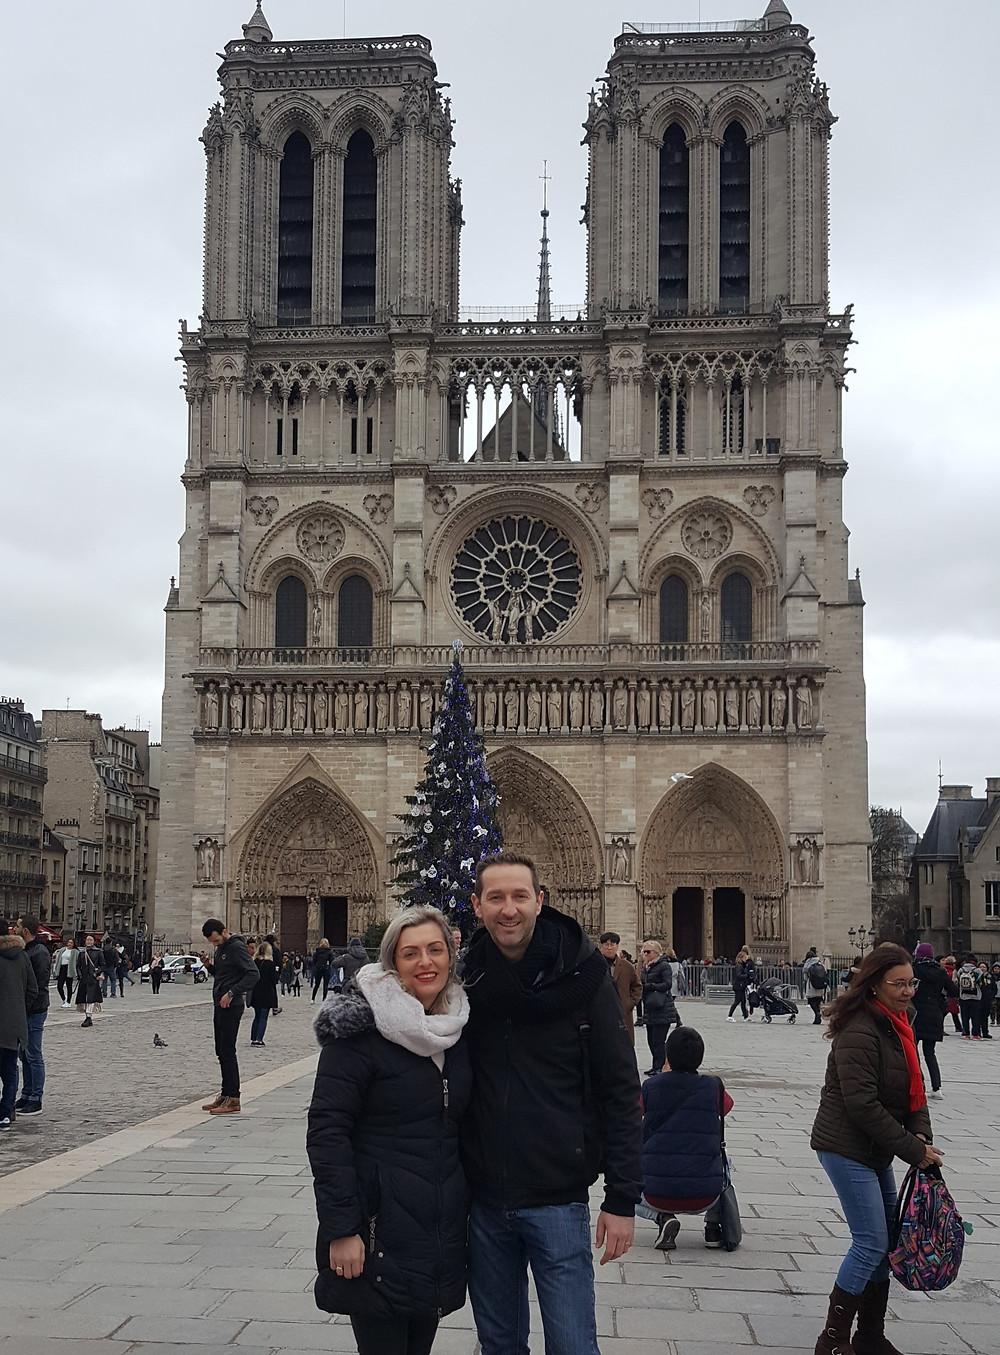 קתדרלת נוטרדאם עם עץ אשוח המוצב לפניה בתקופת חגי חג המולד בעיר פריז